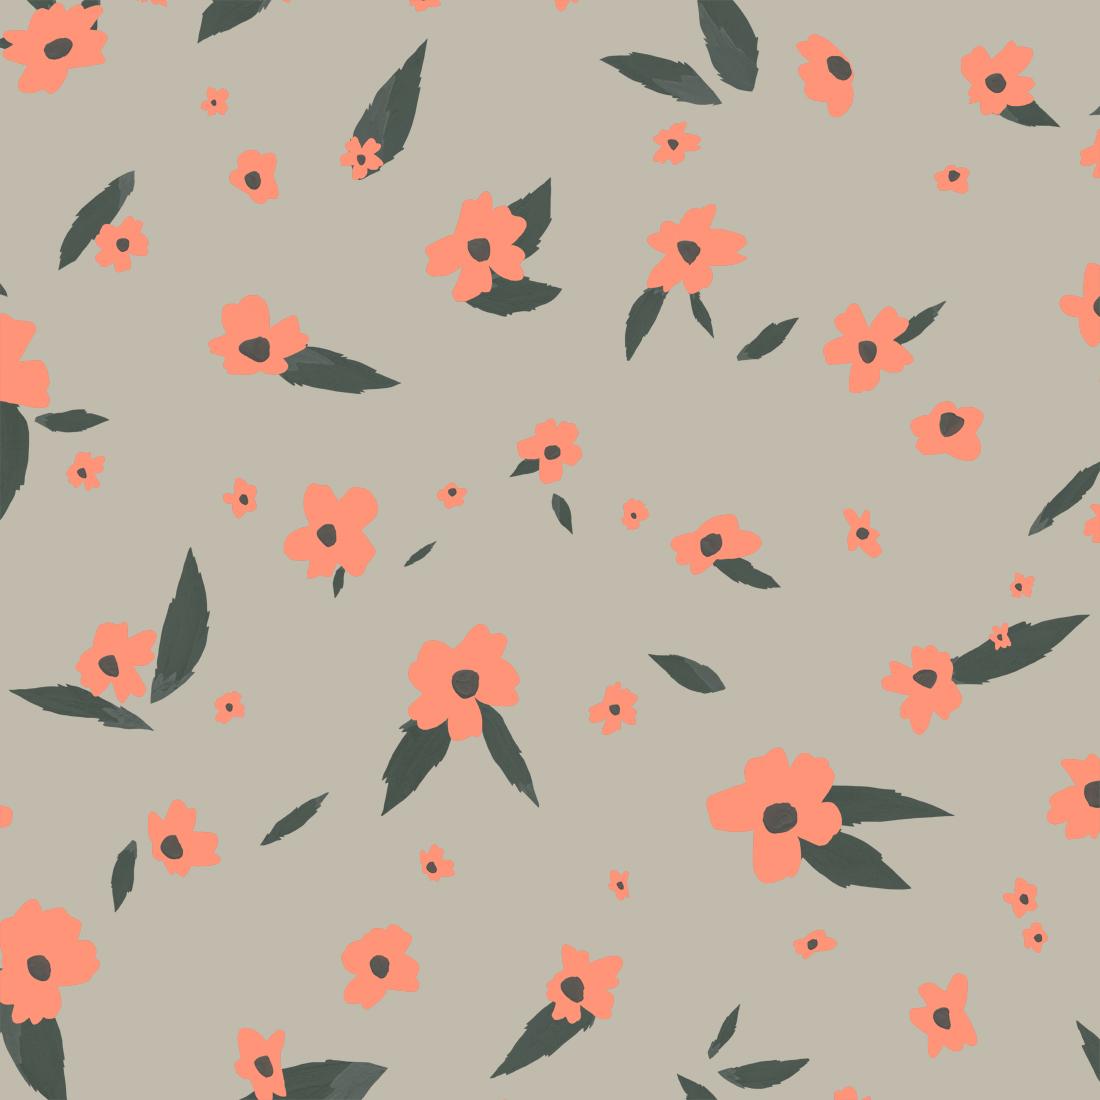 melissa boardman daisy scatter pattern pink.jpg